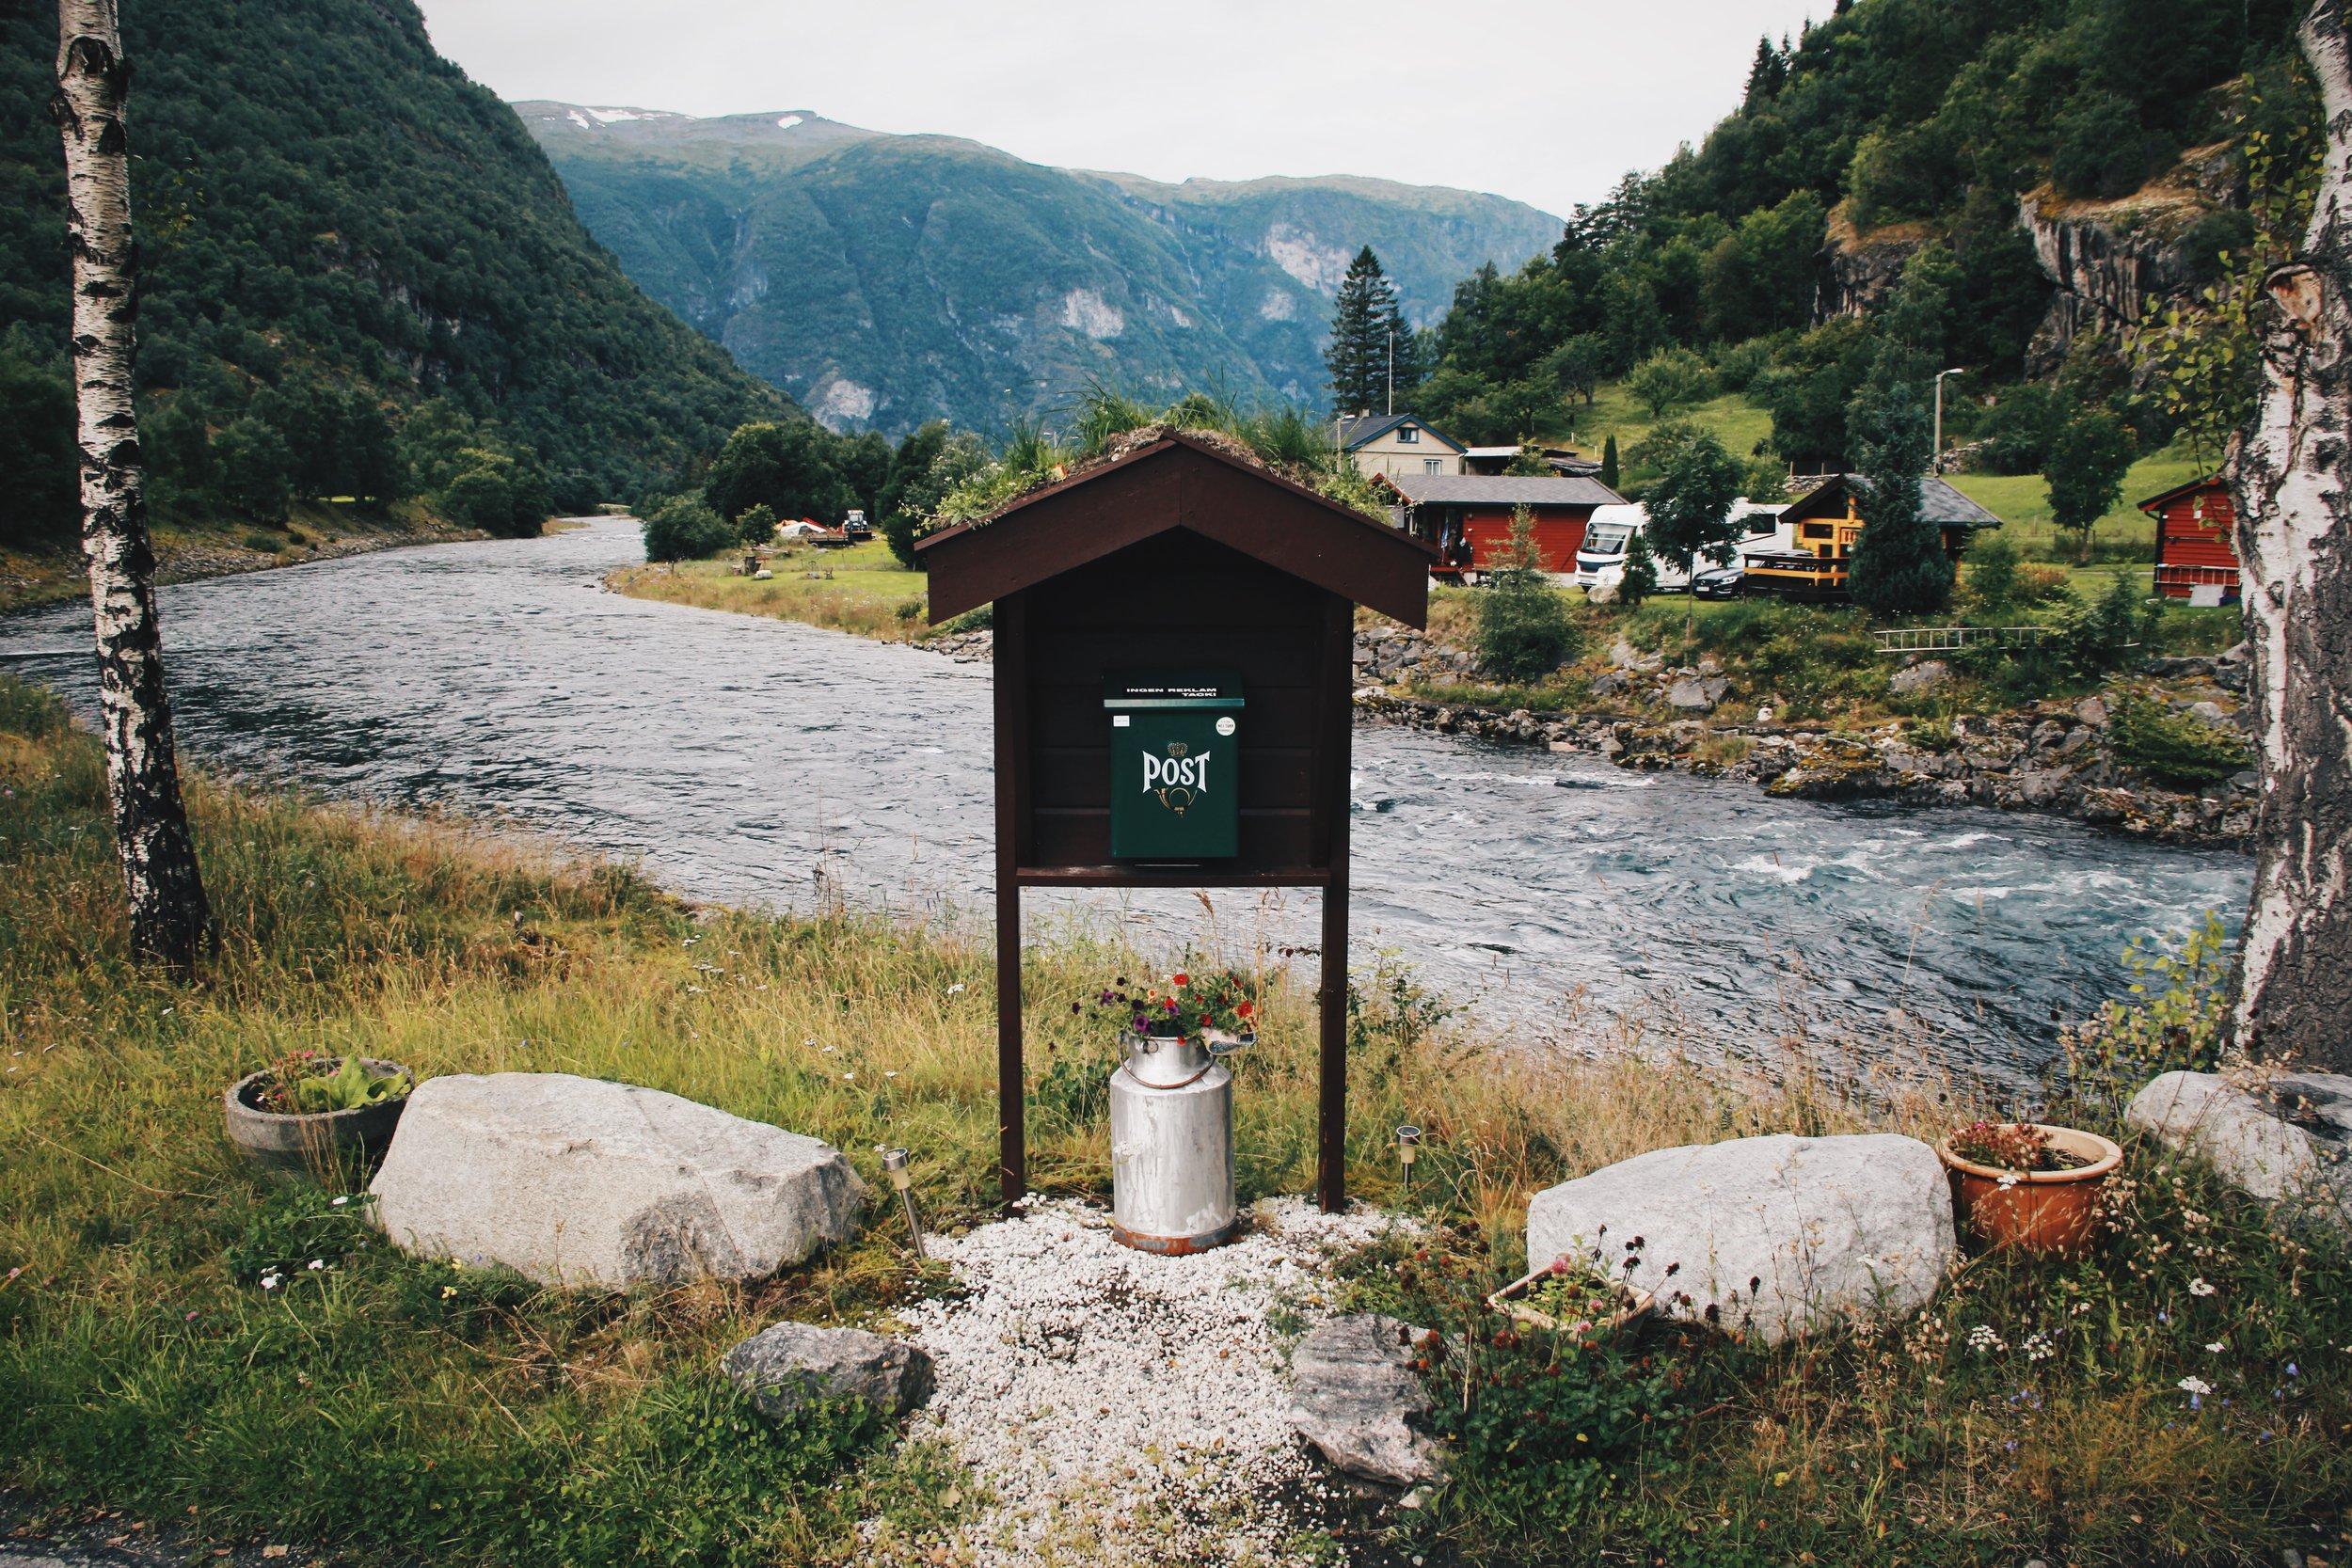 Mailbox in Aurland, Norway